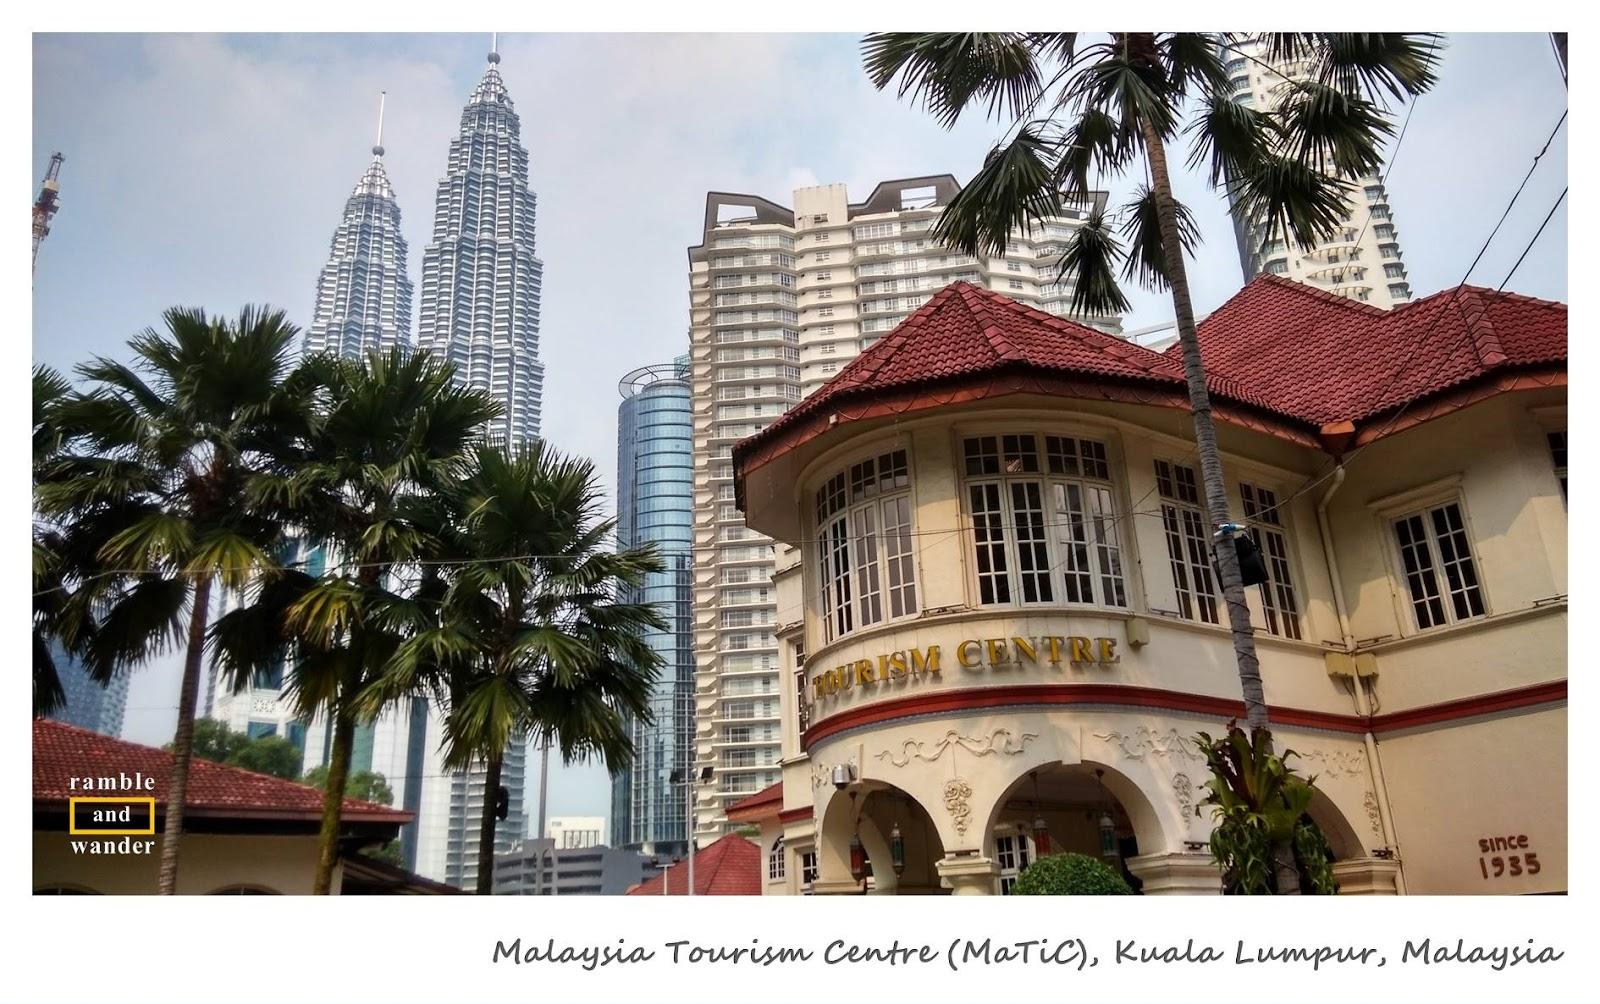 hop on hop off tour по куала лумпур Городской тур на автобусе Hop on hop off tour по KL - Малайзия